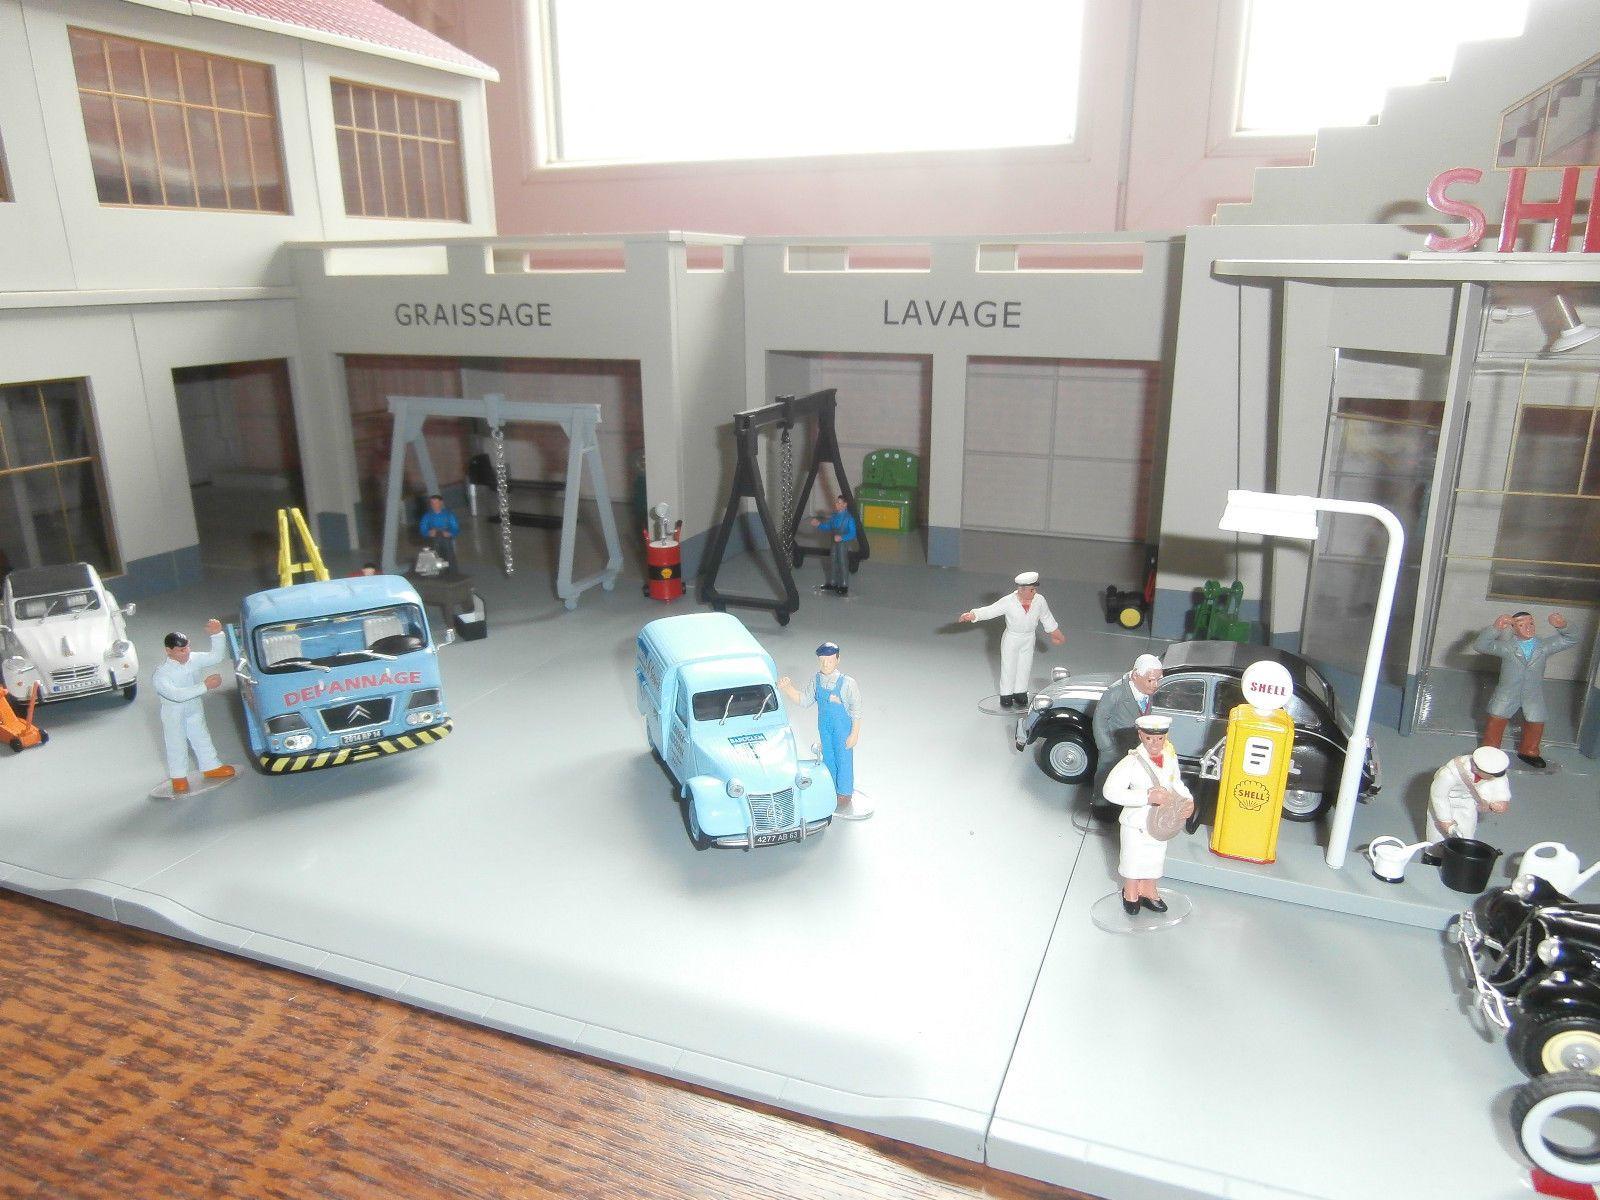 garage shell agence citroen garage moderne 1 43e ebay jeu diorama id es de diorama et projet. Black Bedroom Furniture Sets. Home Design Ideas